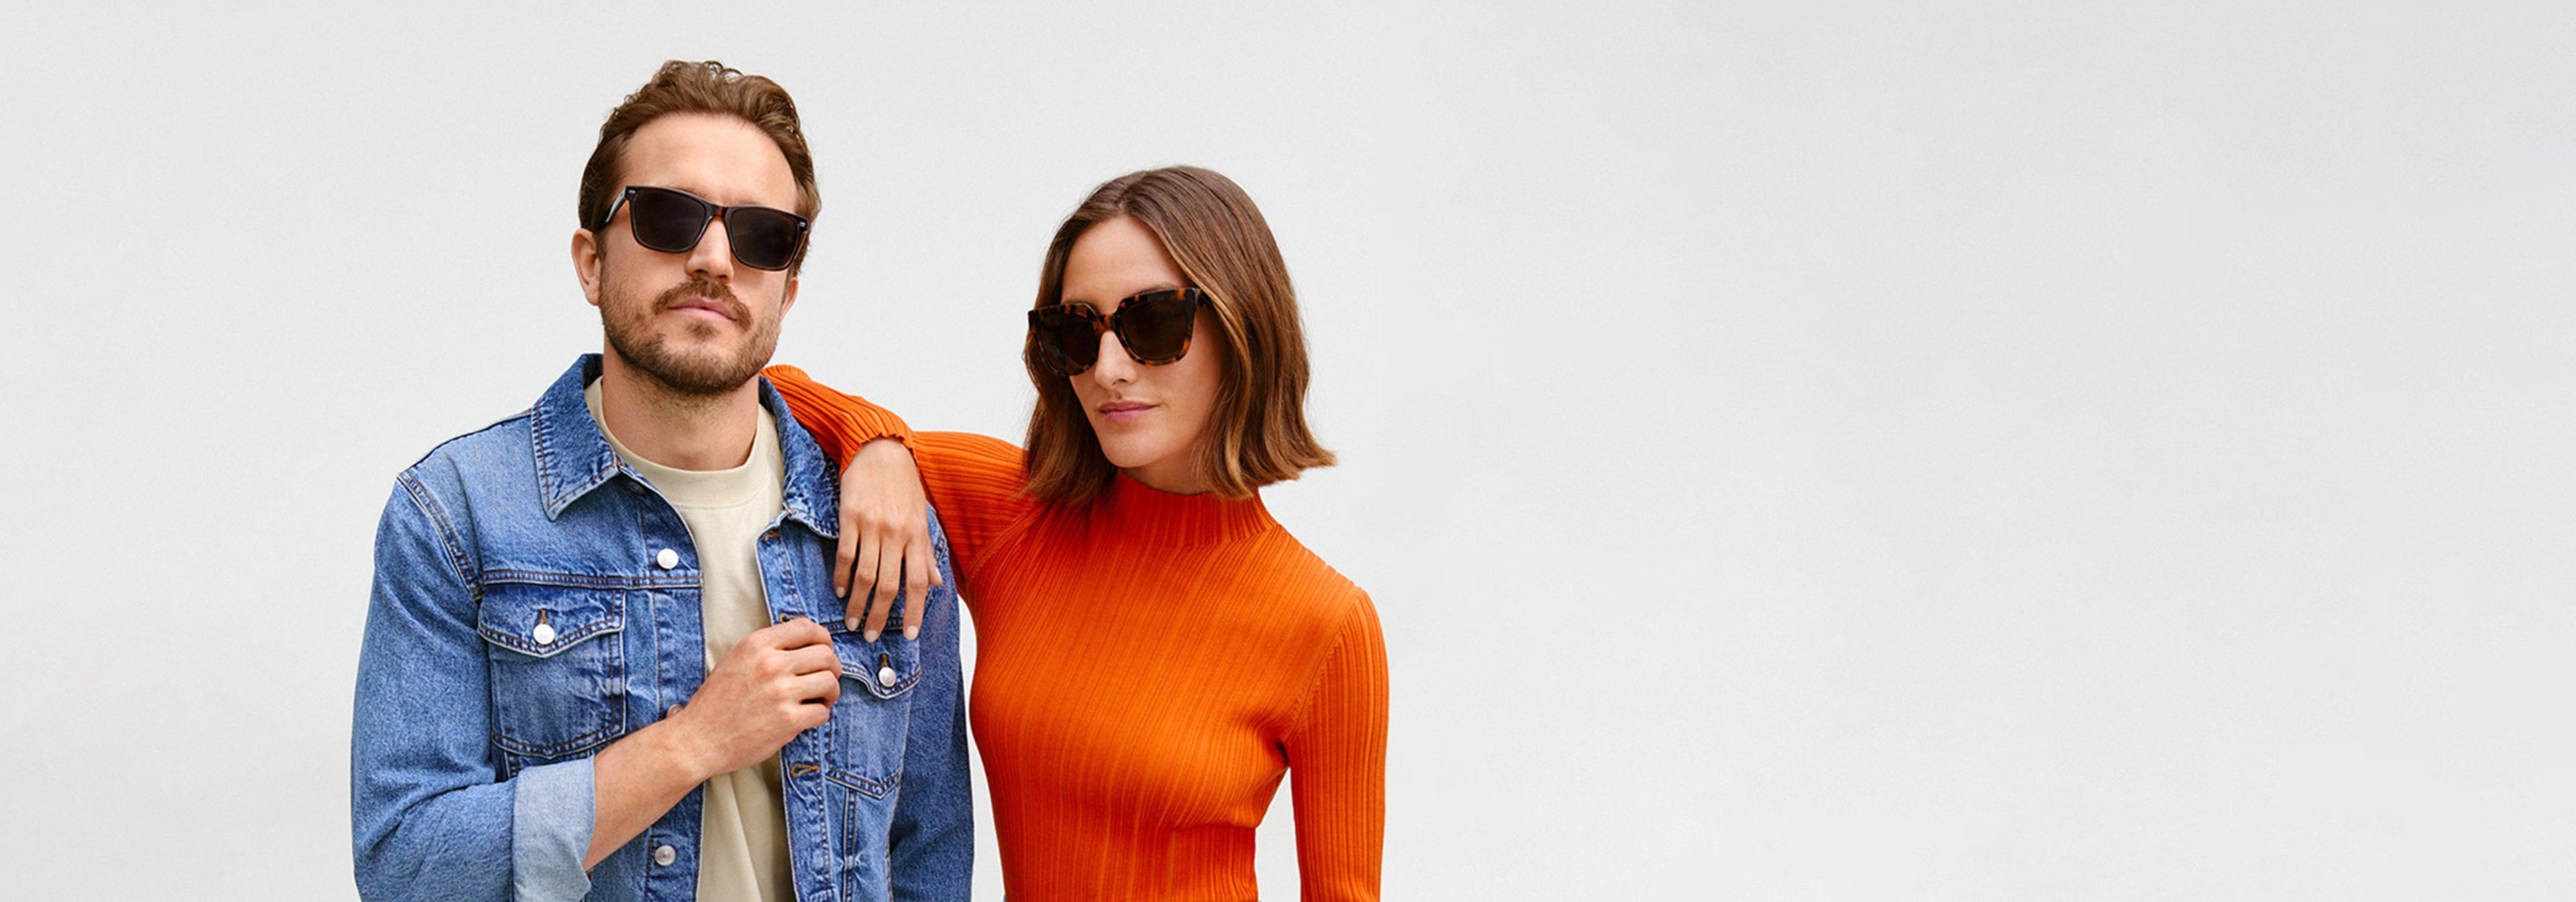 Okulary przeciwsłoneczne dla dzieci fielmann Okulary